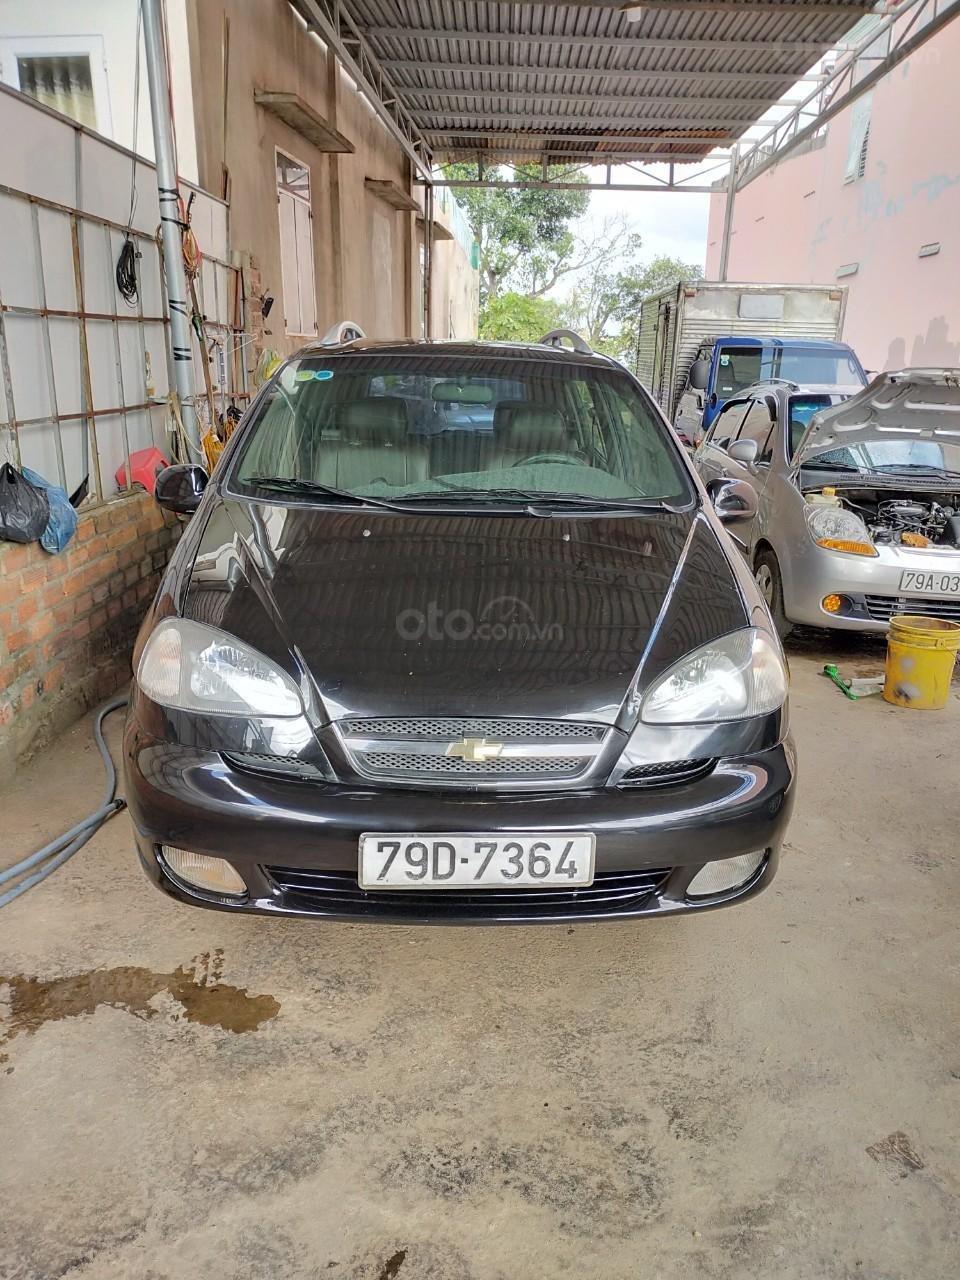 Bán Chevrolet Vivant năm sản xuất 2008 (1)